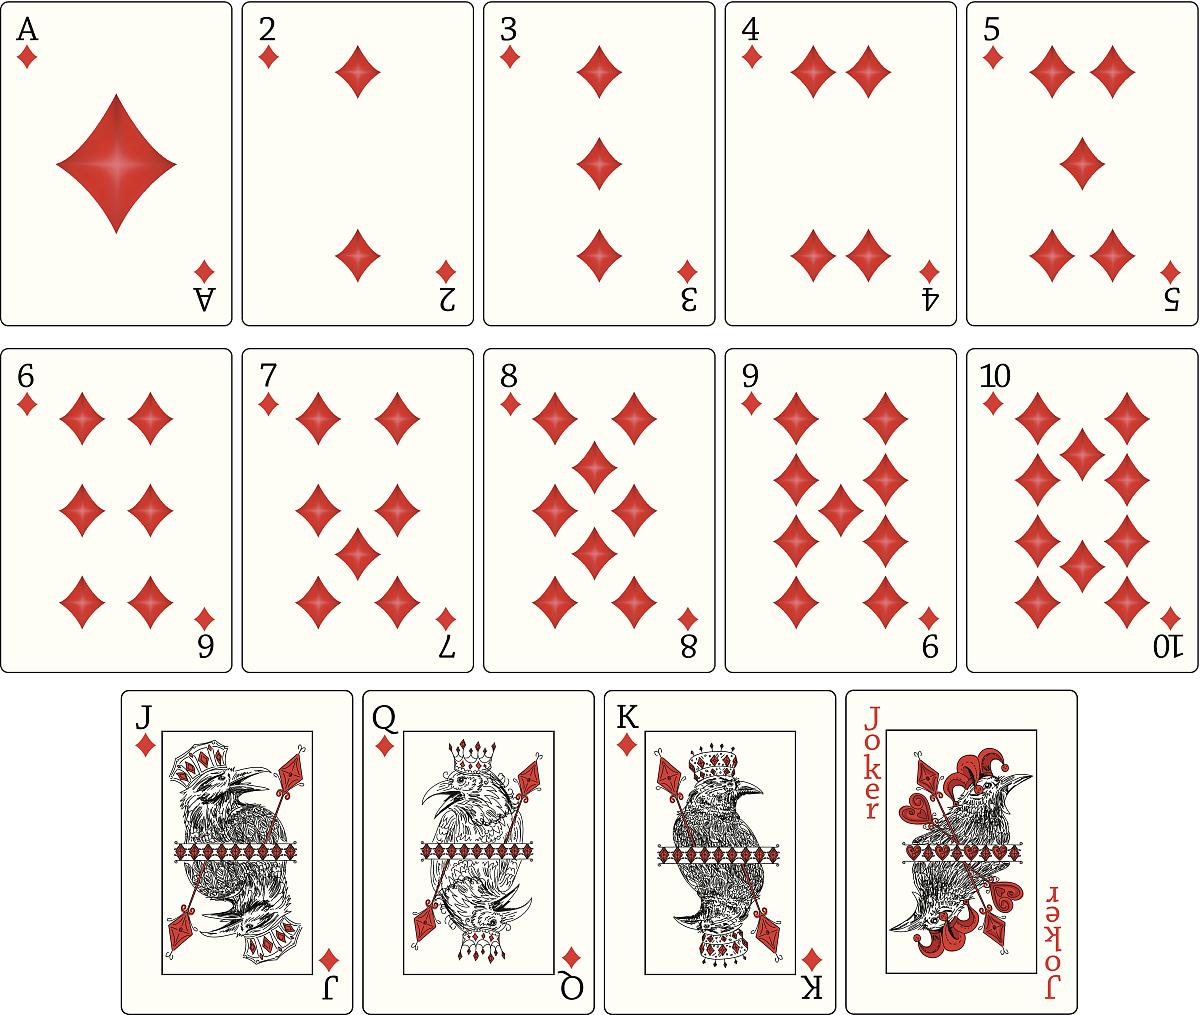 扑克牌有几种玩法_介绍扑克牌几种玩法,玩扑克牌有什么好处?-扑克牌有几种玩法 ...